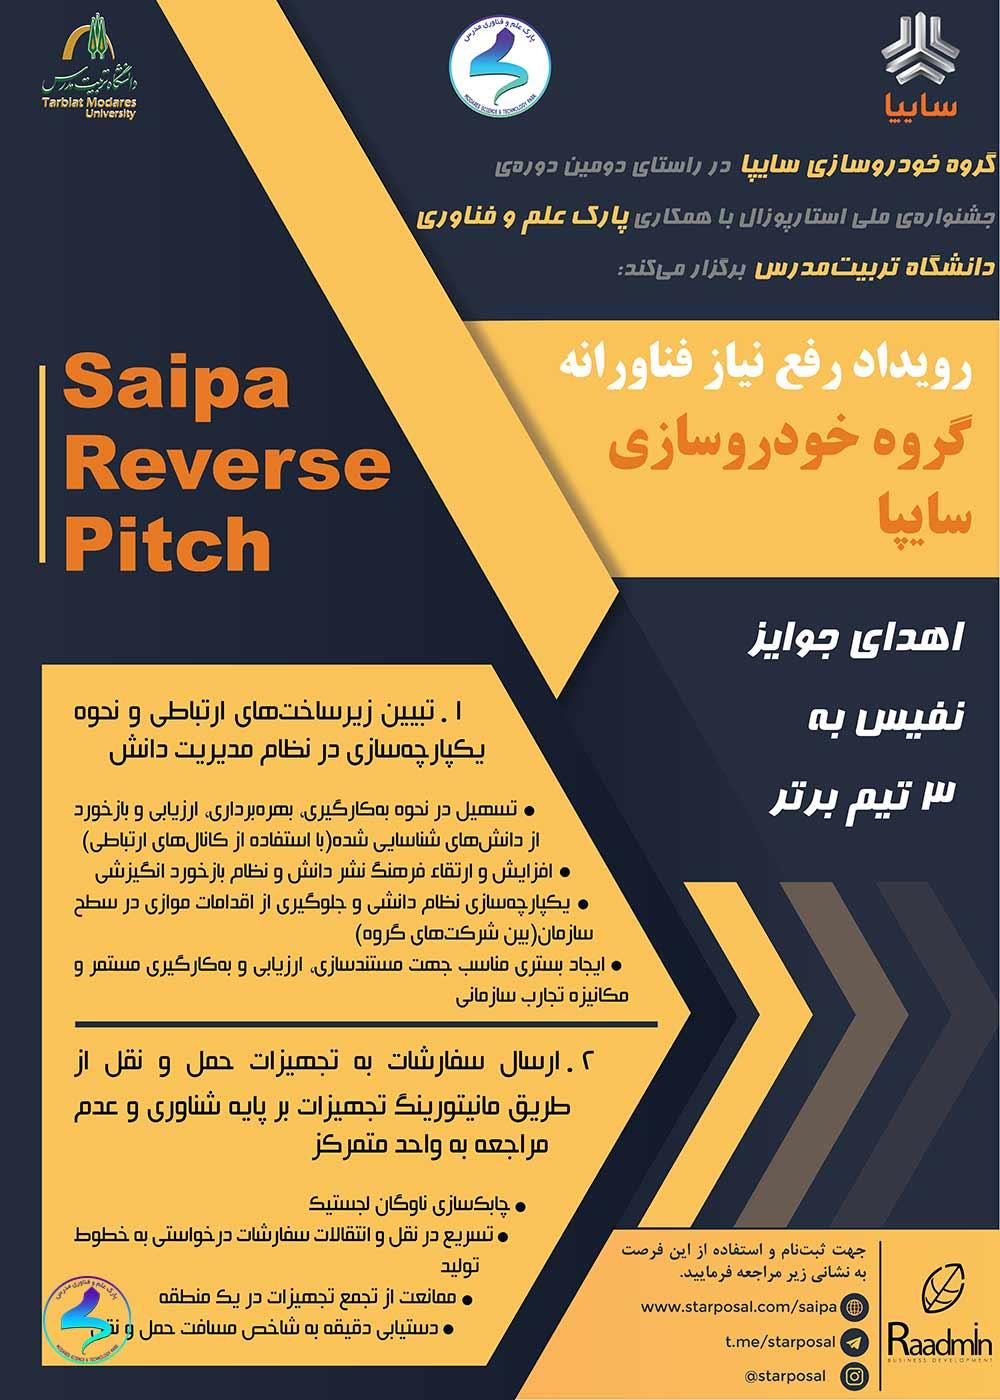 برگزاری رویداد برای رفع نیازهای سایپا